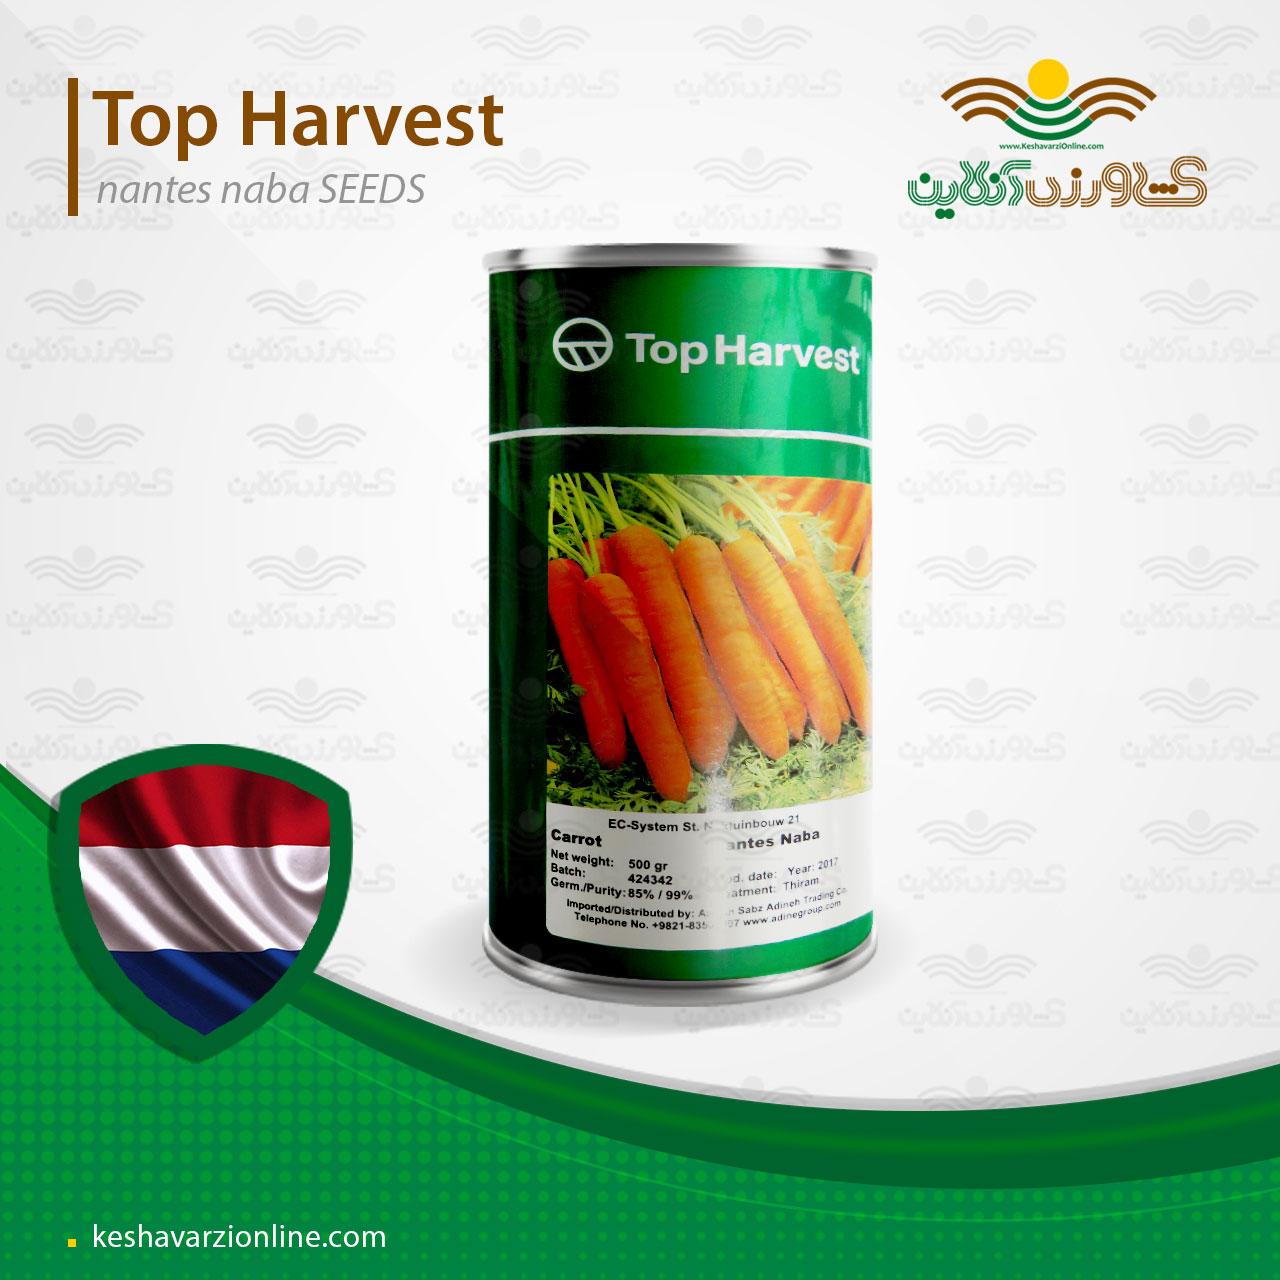 بذر هویج نانتس نابا تاپ هاروست